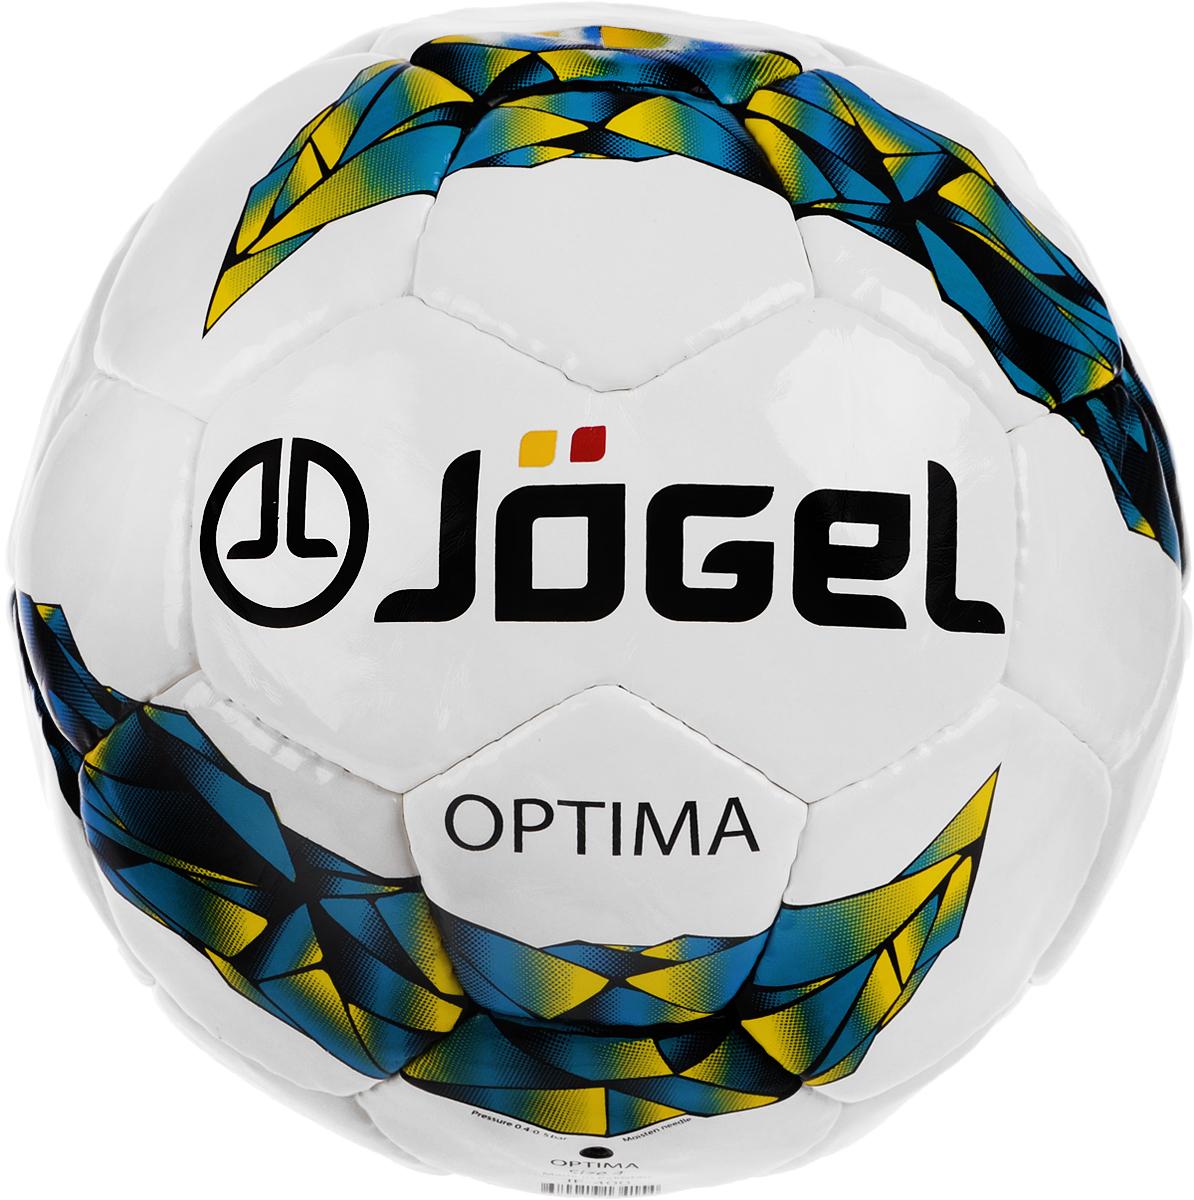 Мяч футзальный Jogel Optima, цвет: белый, лазурный, желтый. Размер 4. JF-400200170Jogel Optima, оправдывая свое название, является оптимальным тренировочным футзальным мячом ручной сшивки из. Его отличительной особенностью является достойное соотношение технических характеристик и доступной цены. Данный мяч рекомендован для тренировок и тренировочных игр клубных и любительских команд. Поверхность мяча выполнена из износостойкой синтетической кожи (полиуретан) толщиной 1 мм. Мяч имеет 4 подкладочных слоя на нетканой основе (смесь хлопка с полиэстером) и оснащен бутиловой камерой со специальным наполнителем, обеспечивающим рекомендованный FIFA низкий отскок.Уникальной особенностью является традиционная конструкция мяча из 30 панелей.Рекомендованные покрытия: паркет, уличные площадки с твердыми ровными поверхностями.Количество подкладочных слоев:4.Количество панелей:30.Вес:400-440 г.Длина окружности: 62-64 см.Рекомендованное давление: 0.6-0.8 бар.УВАЖЕМЫЕ КЛИЕНТЫ!Обращаем ваше внимание на тот факт, что мяч поставляется в сдутом виде. Насос в комплект не входит.